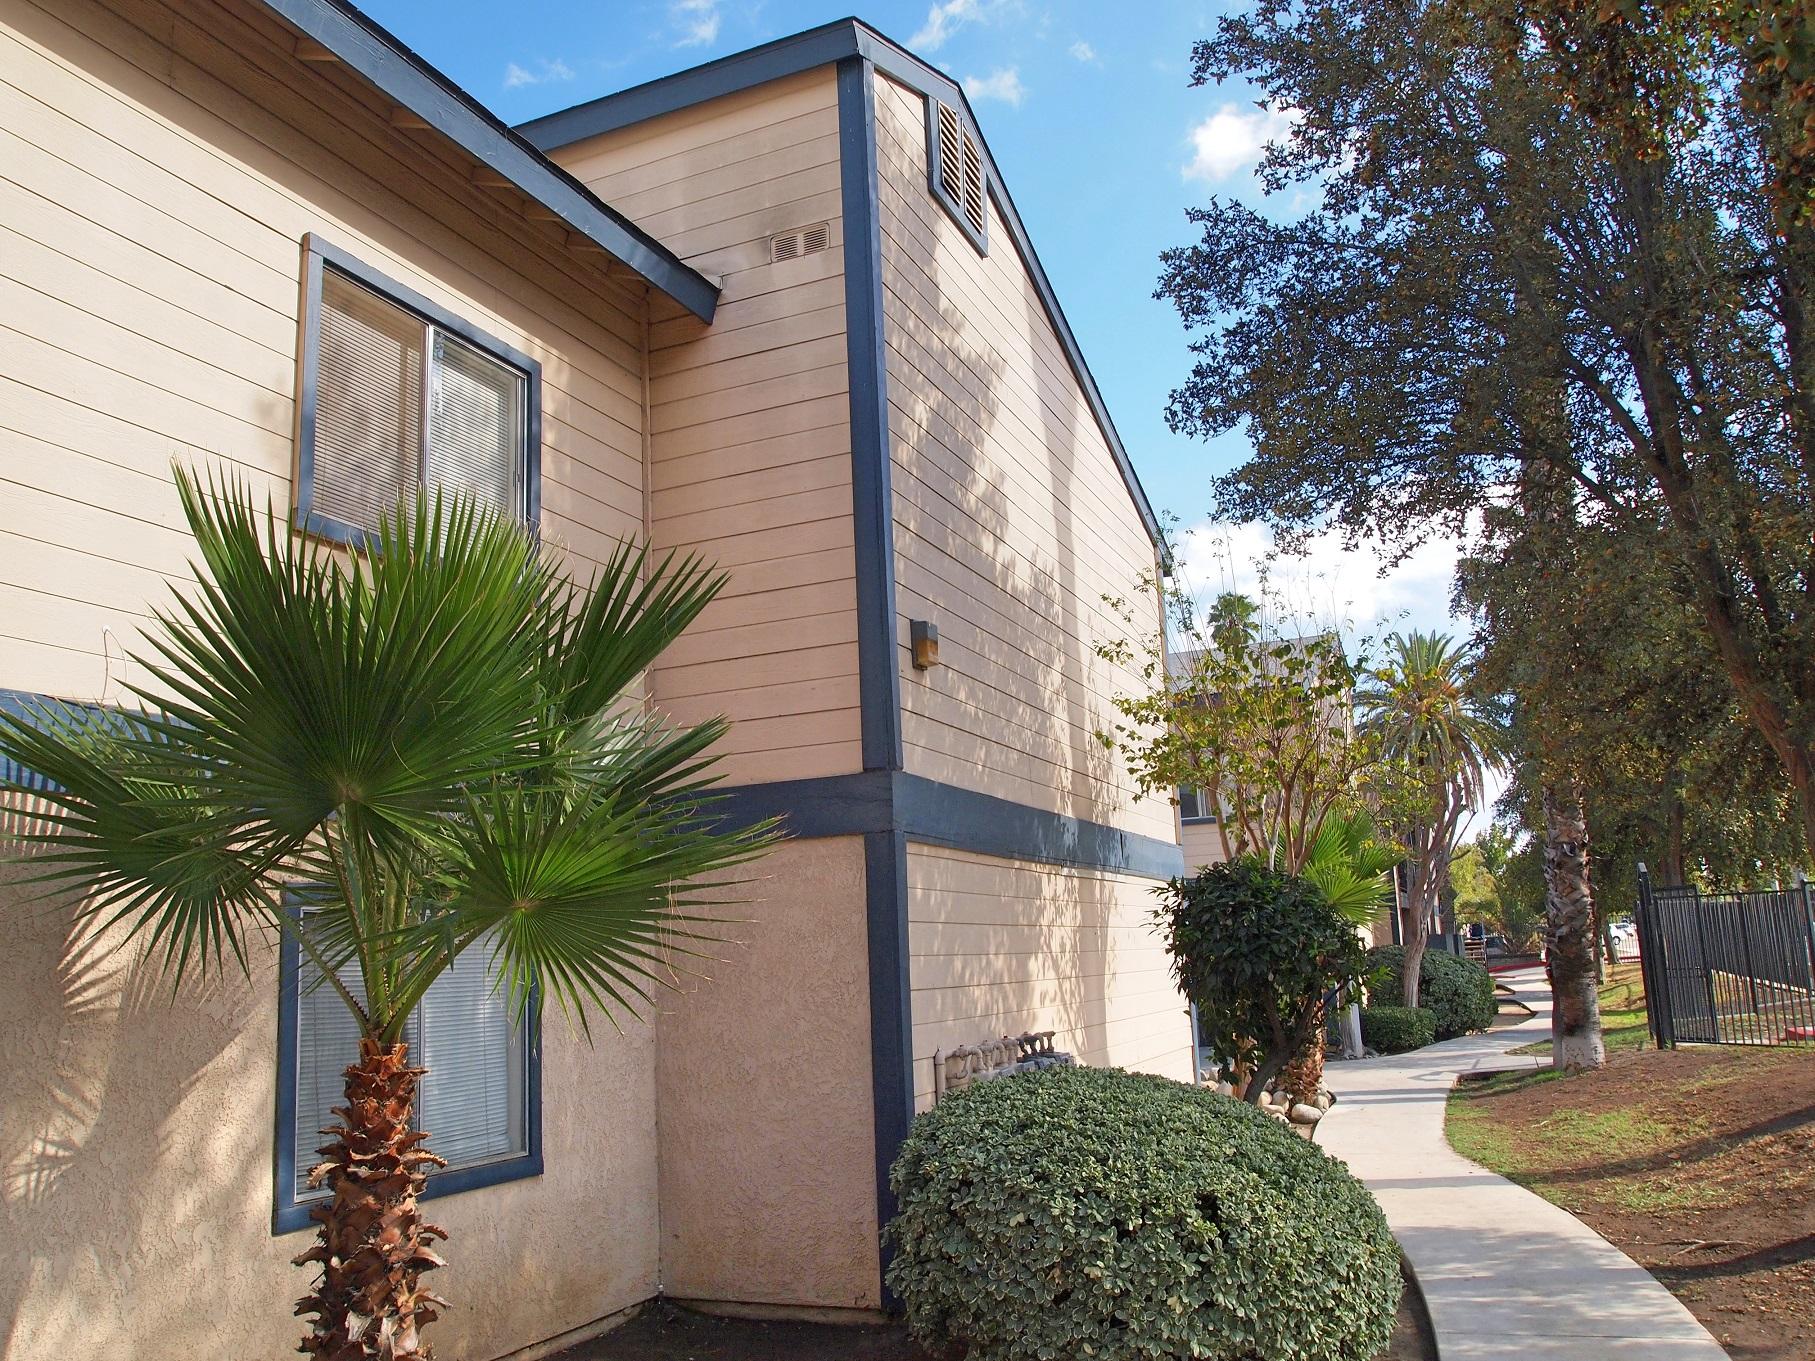 Walkways Jasmine Springs Apartments